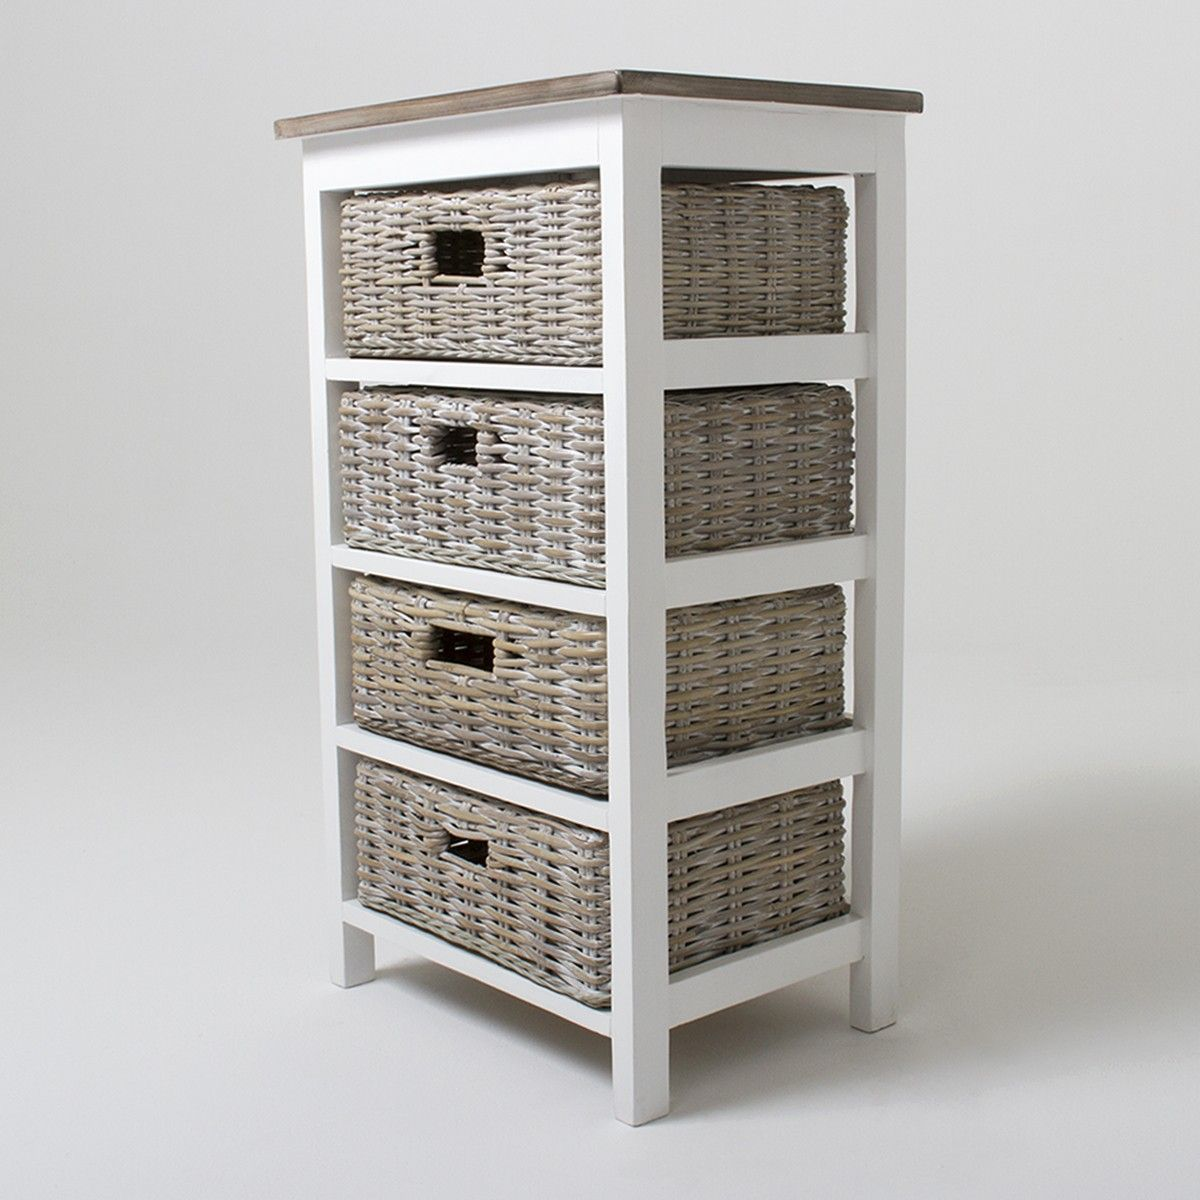 Storage Cabinet With Wicker Baskets Bay Four Basket Storage